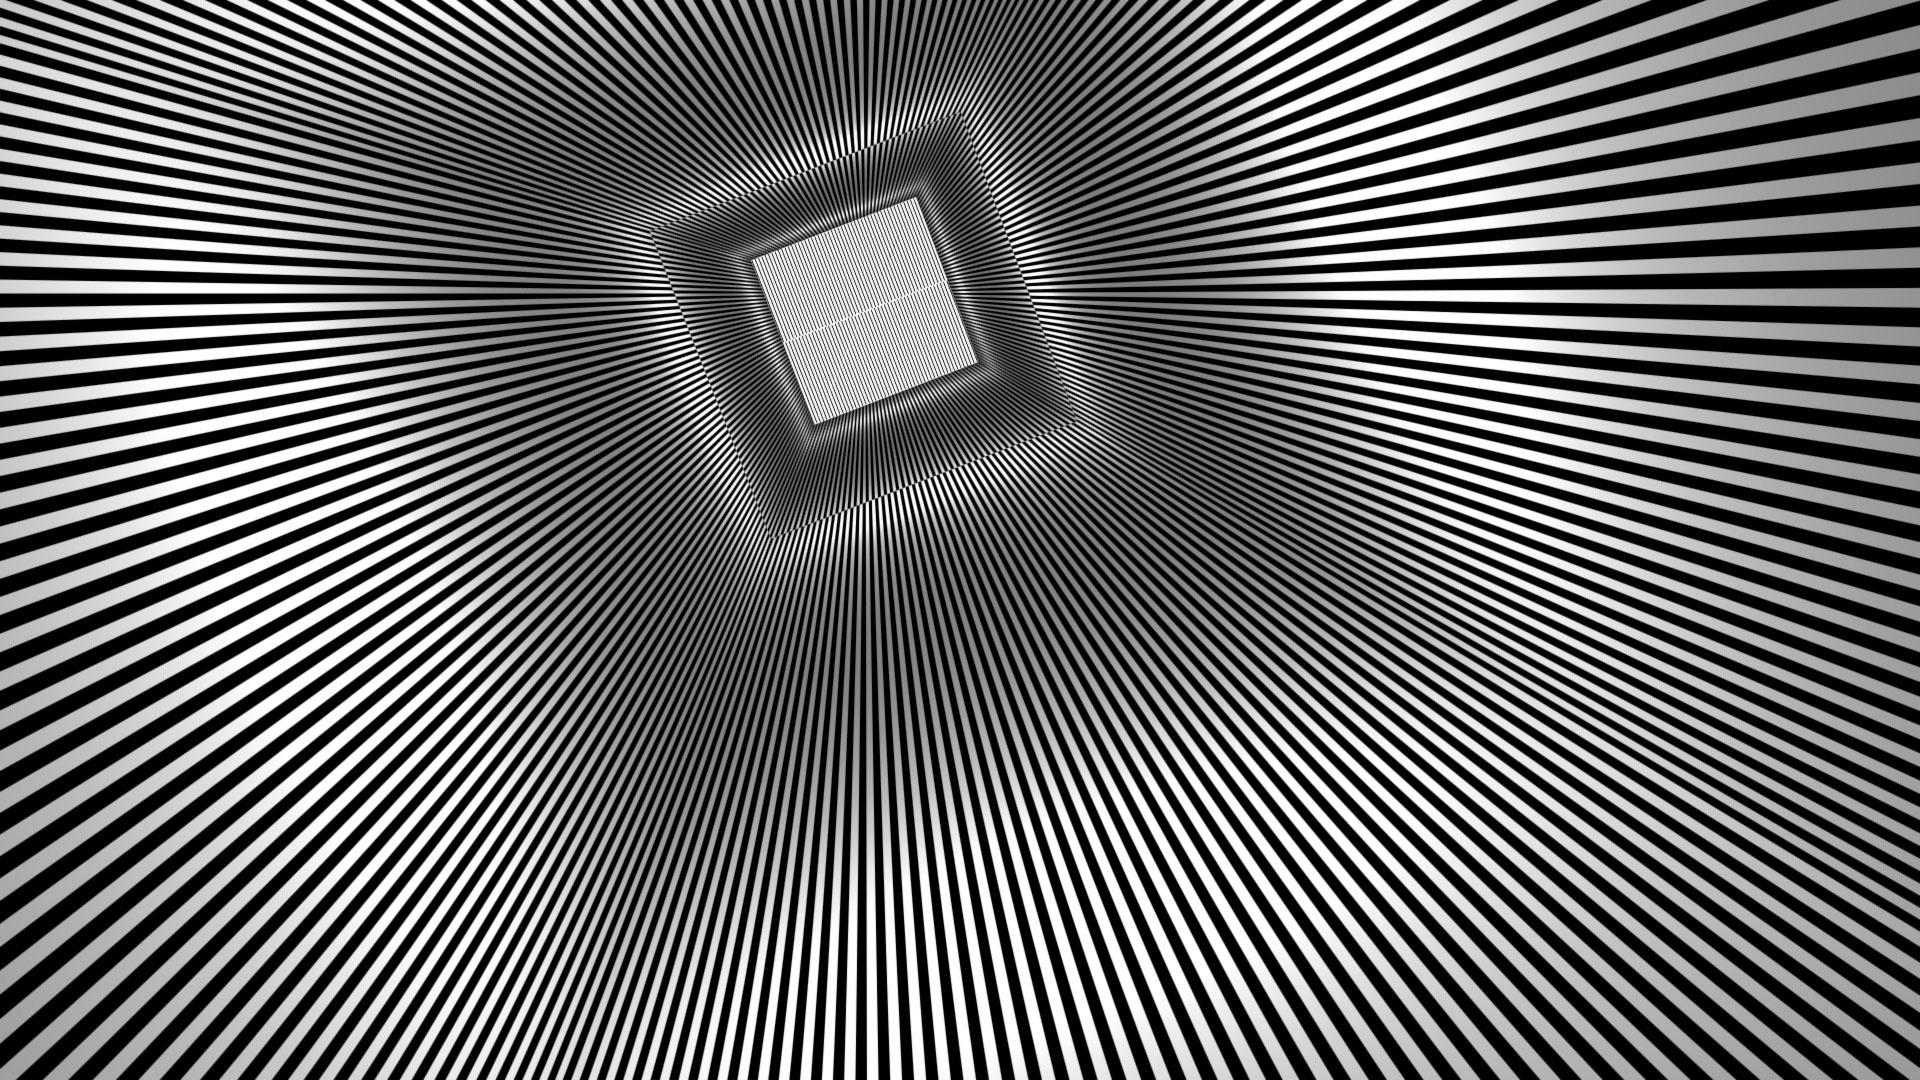 Анимация статичной картинки